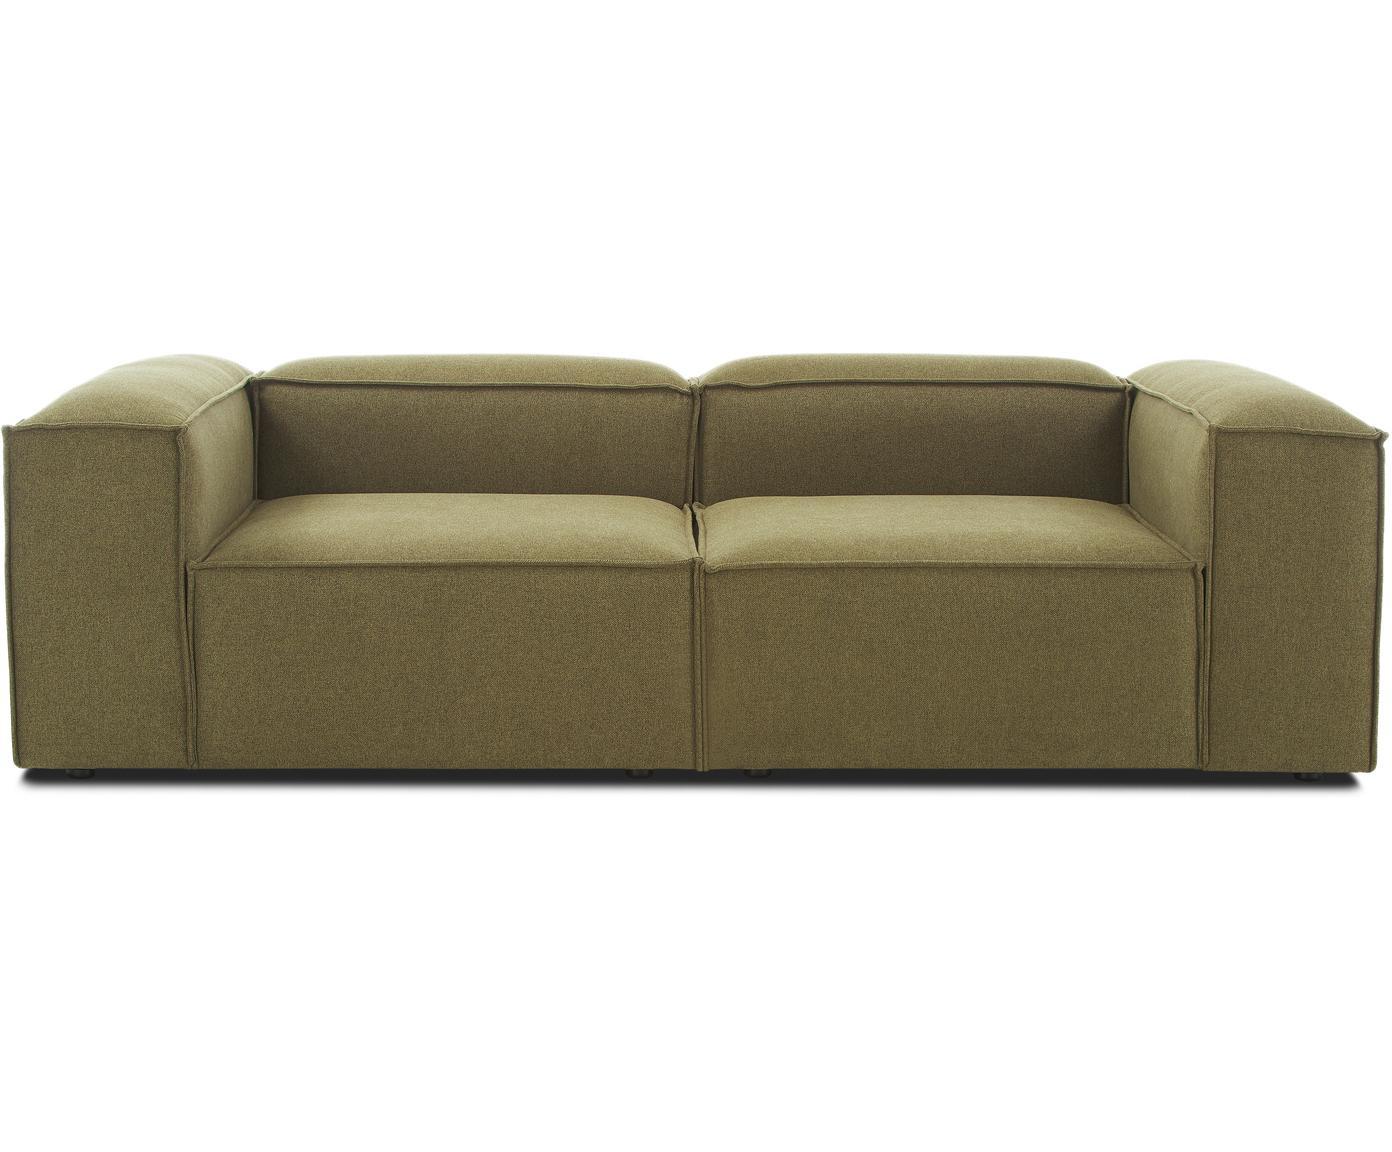 Sofa modułowa Lennon (3-osobowa), Tapicerka: 100% poliester 35000cyk, Stelaż: lite drewno sosnowe, skle, Nogi: tworzywo sztuczne, Zielony, S 238 x G 119 cm